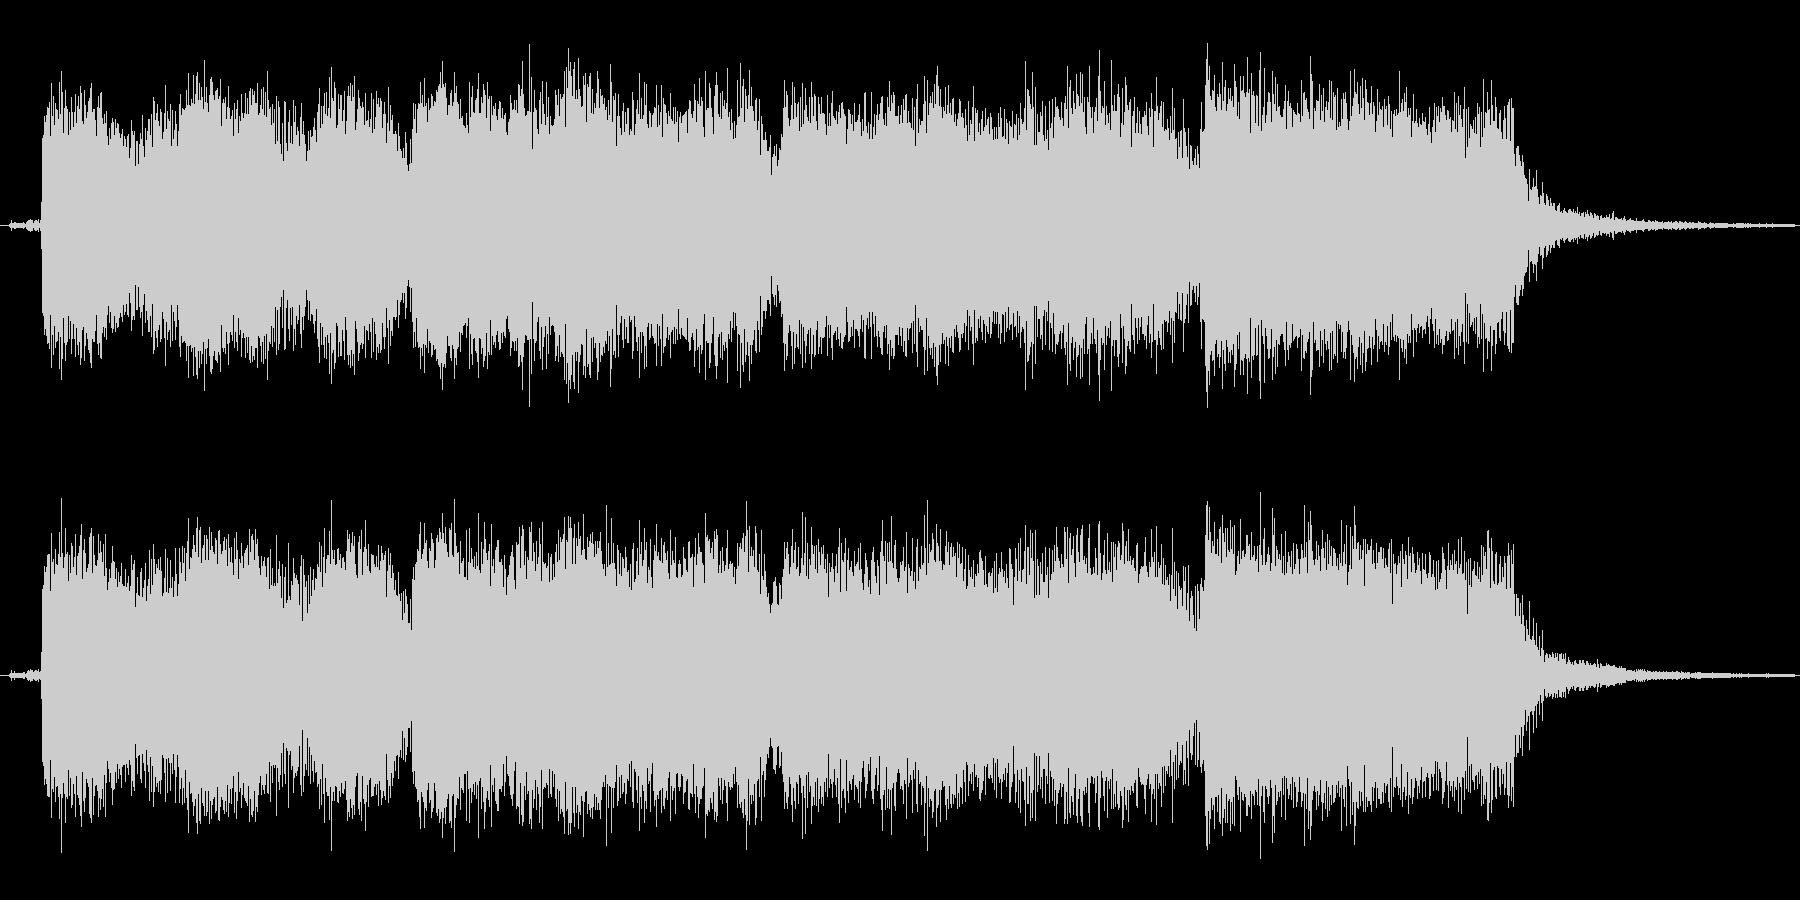 ハードロックのギターのジングルの未再生の波形